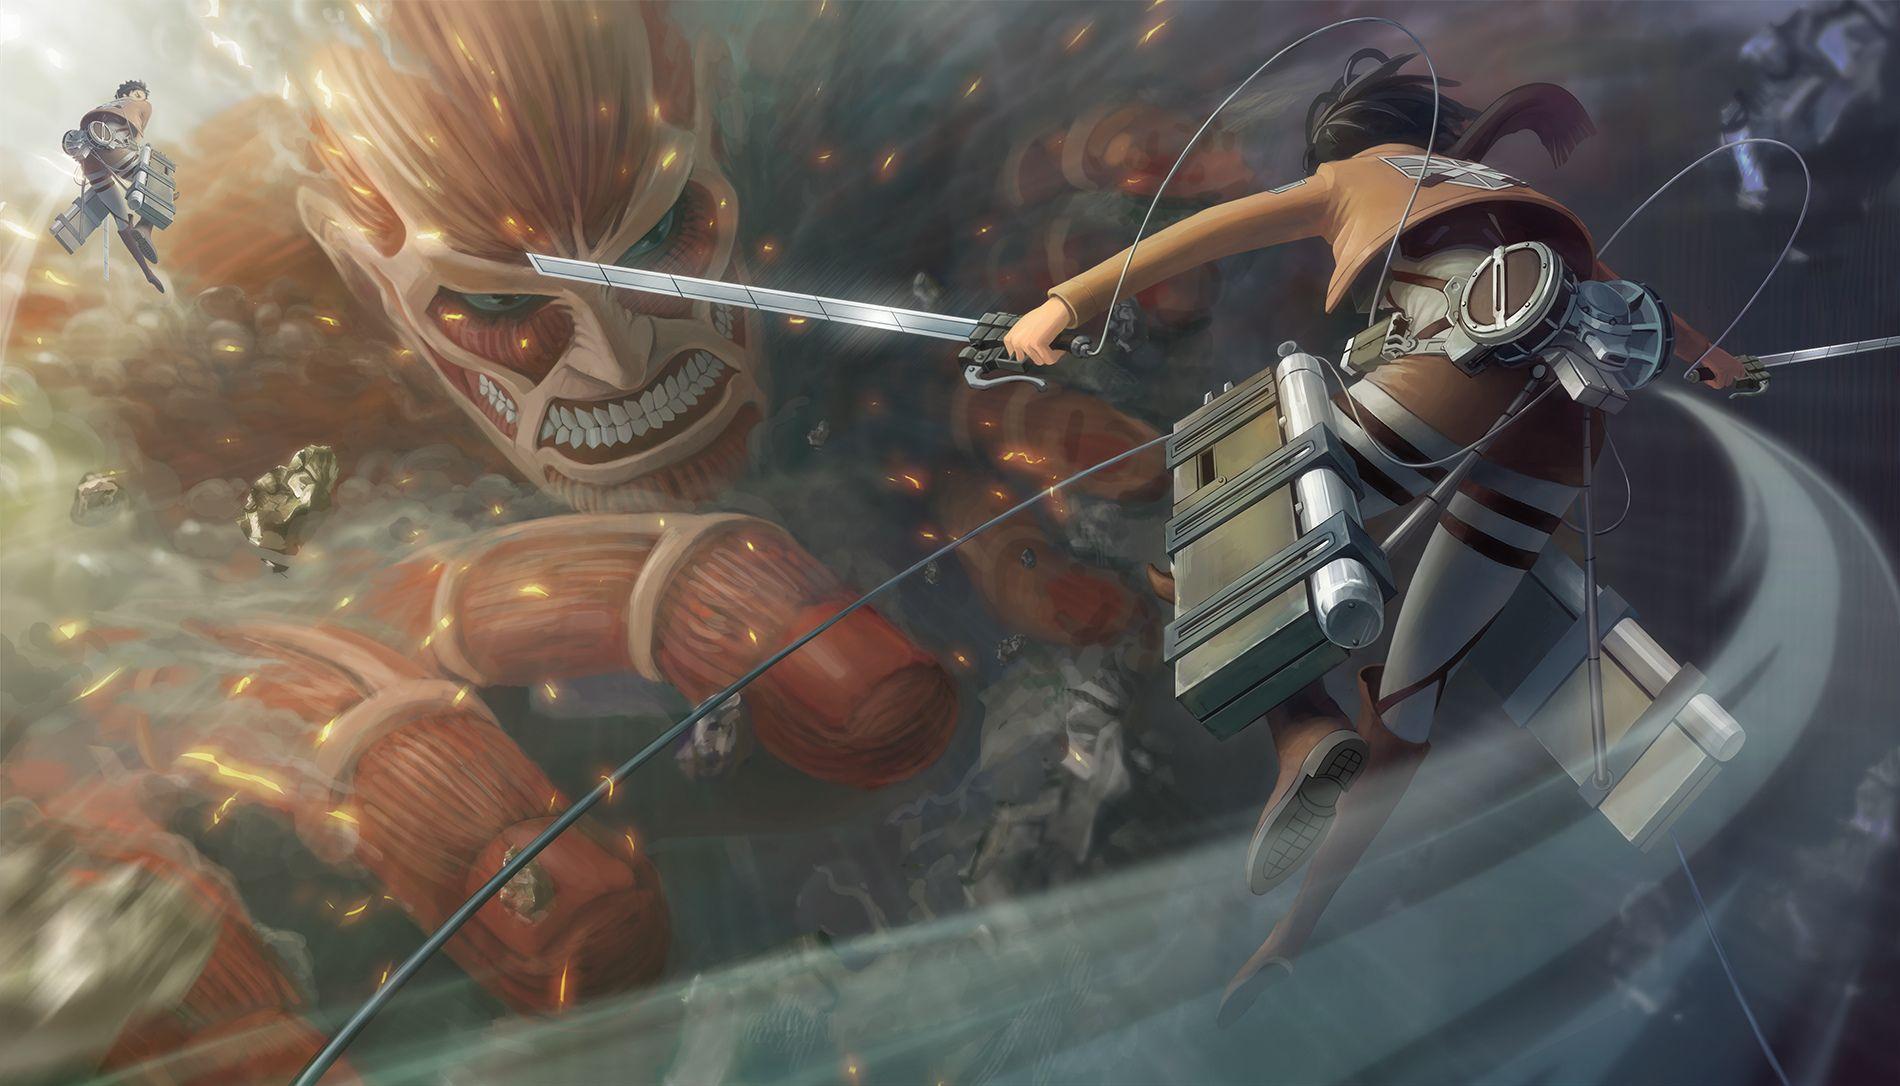 attack on titan photos